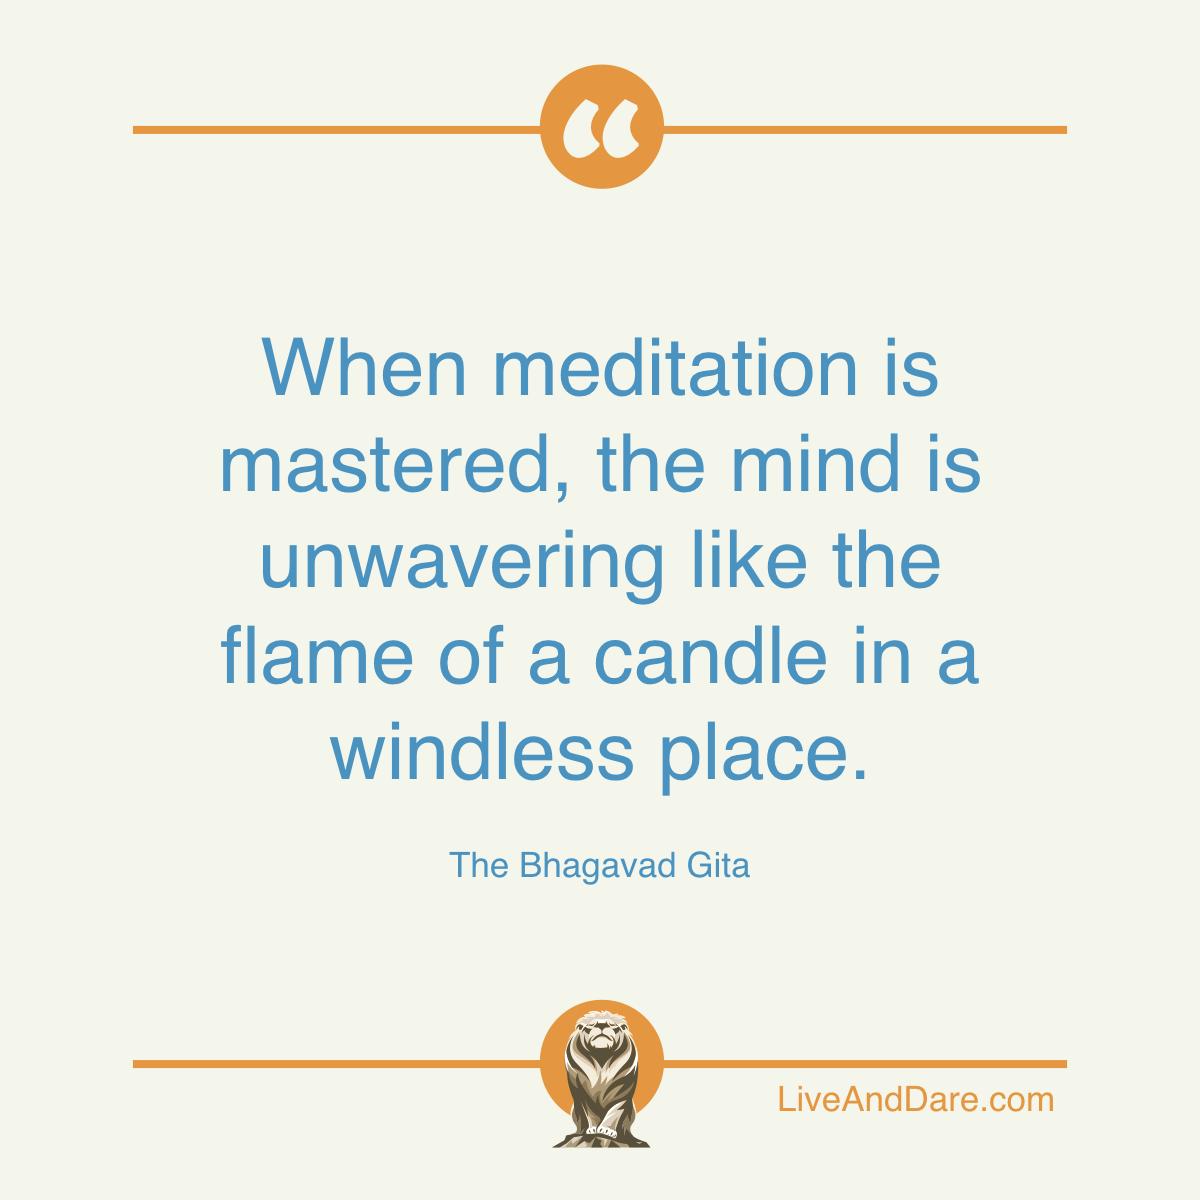 Meditation Quote from The Bhagavad Gita